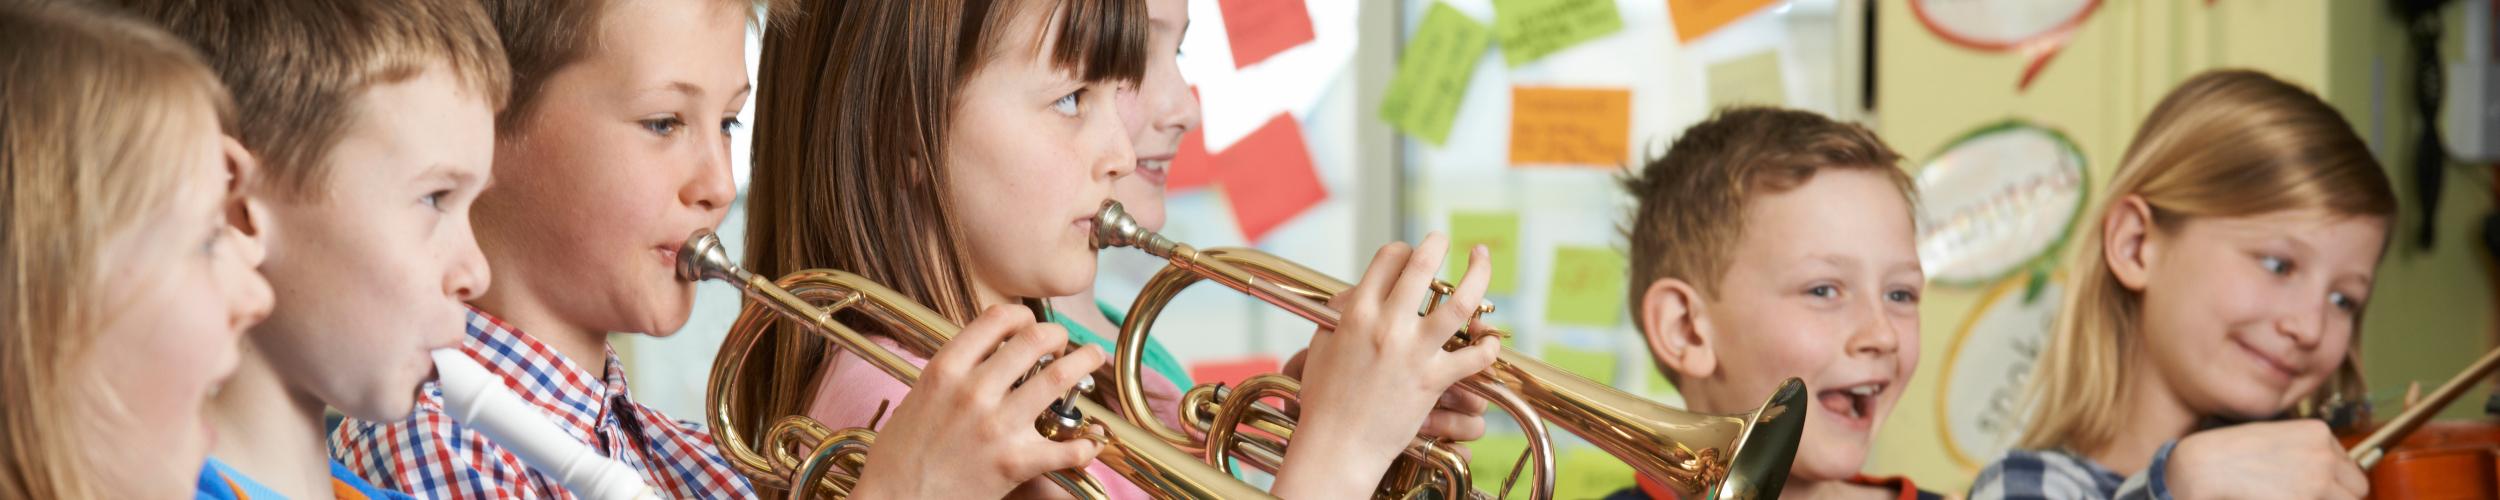 Lessen muziek, woord en dans